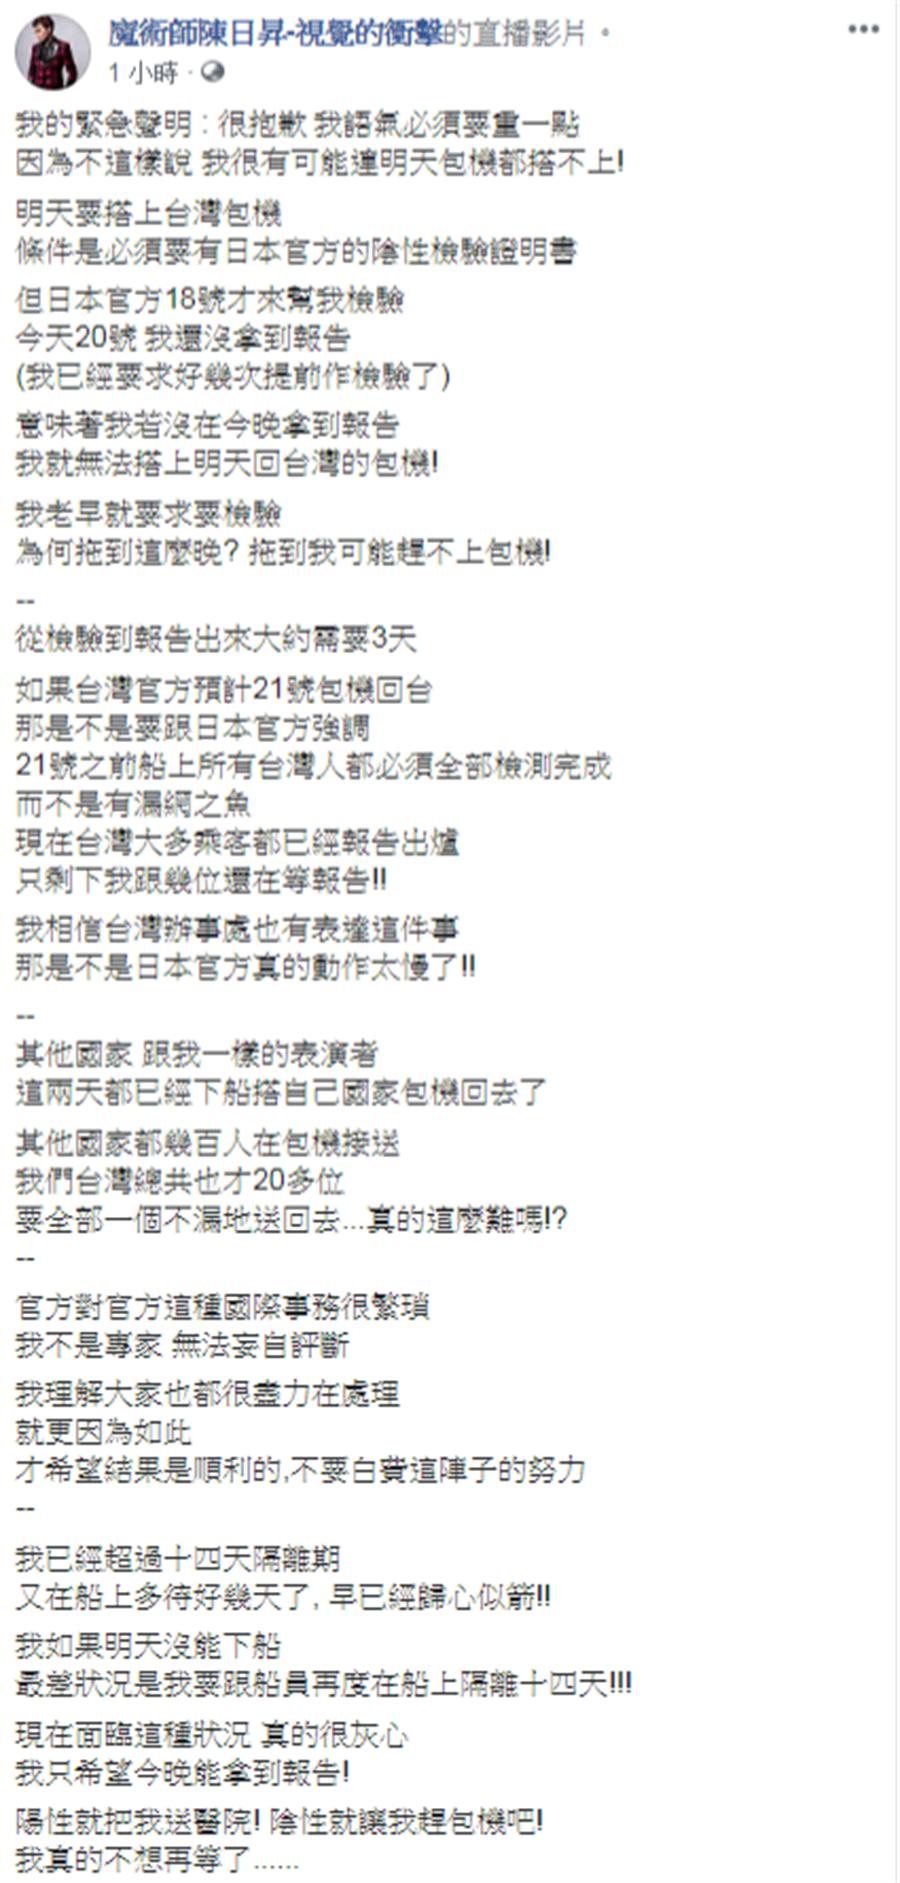 陳日昇臉書全文。(圖/魔術師陳日昇-視覺的衝擊臉書)